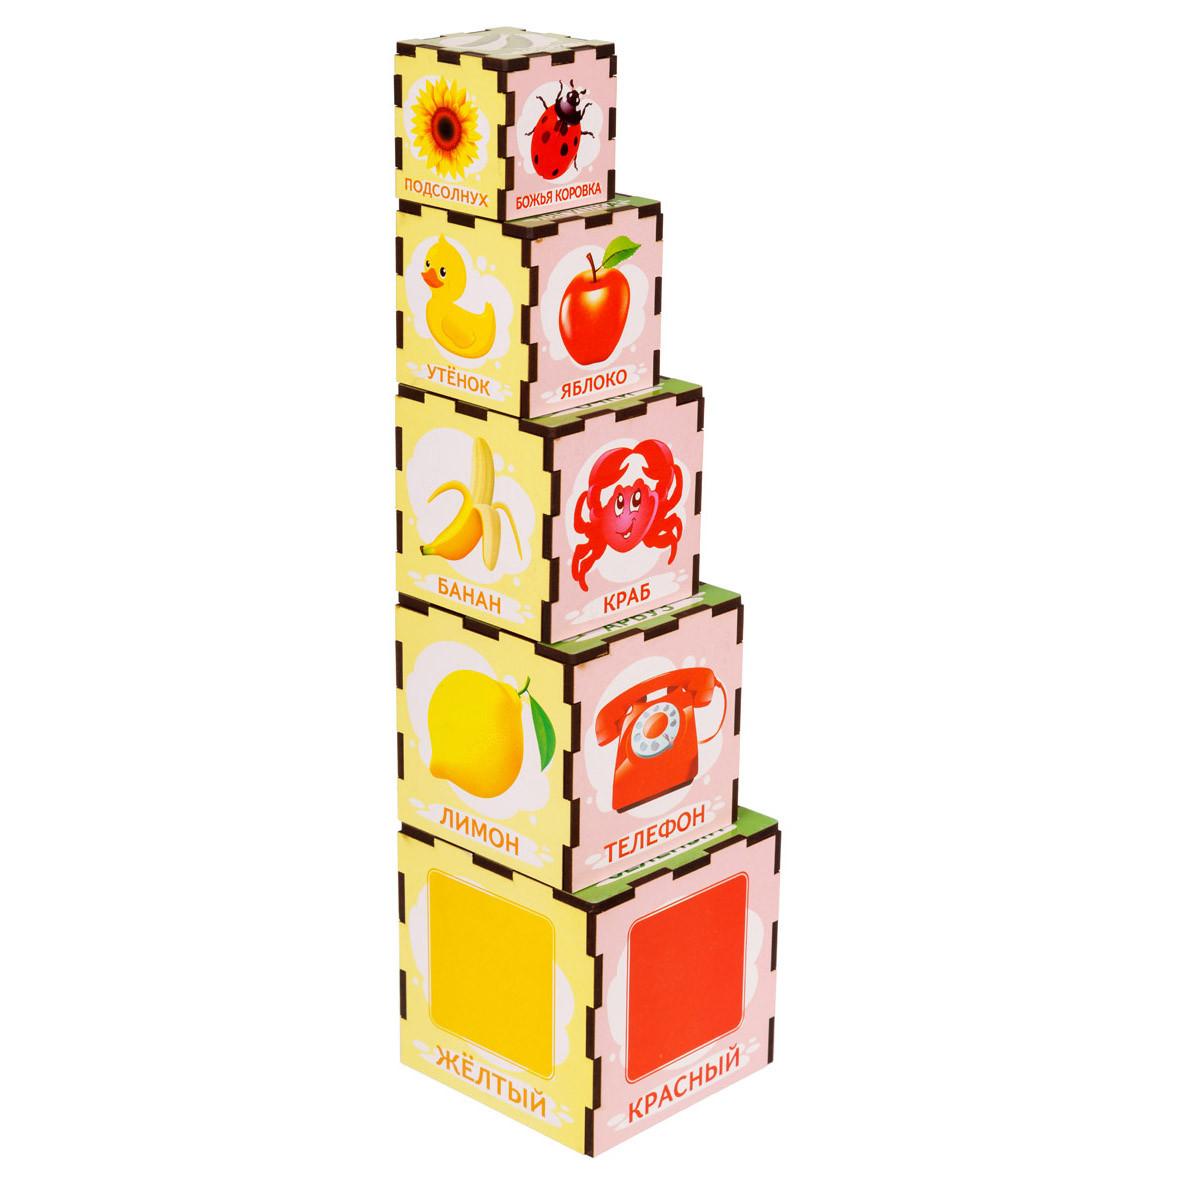 Кубики - матрёшки: Цвета